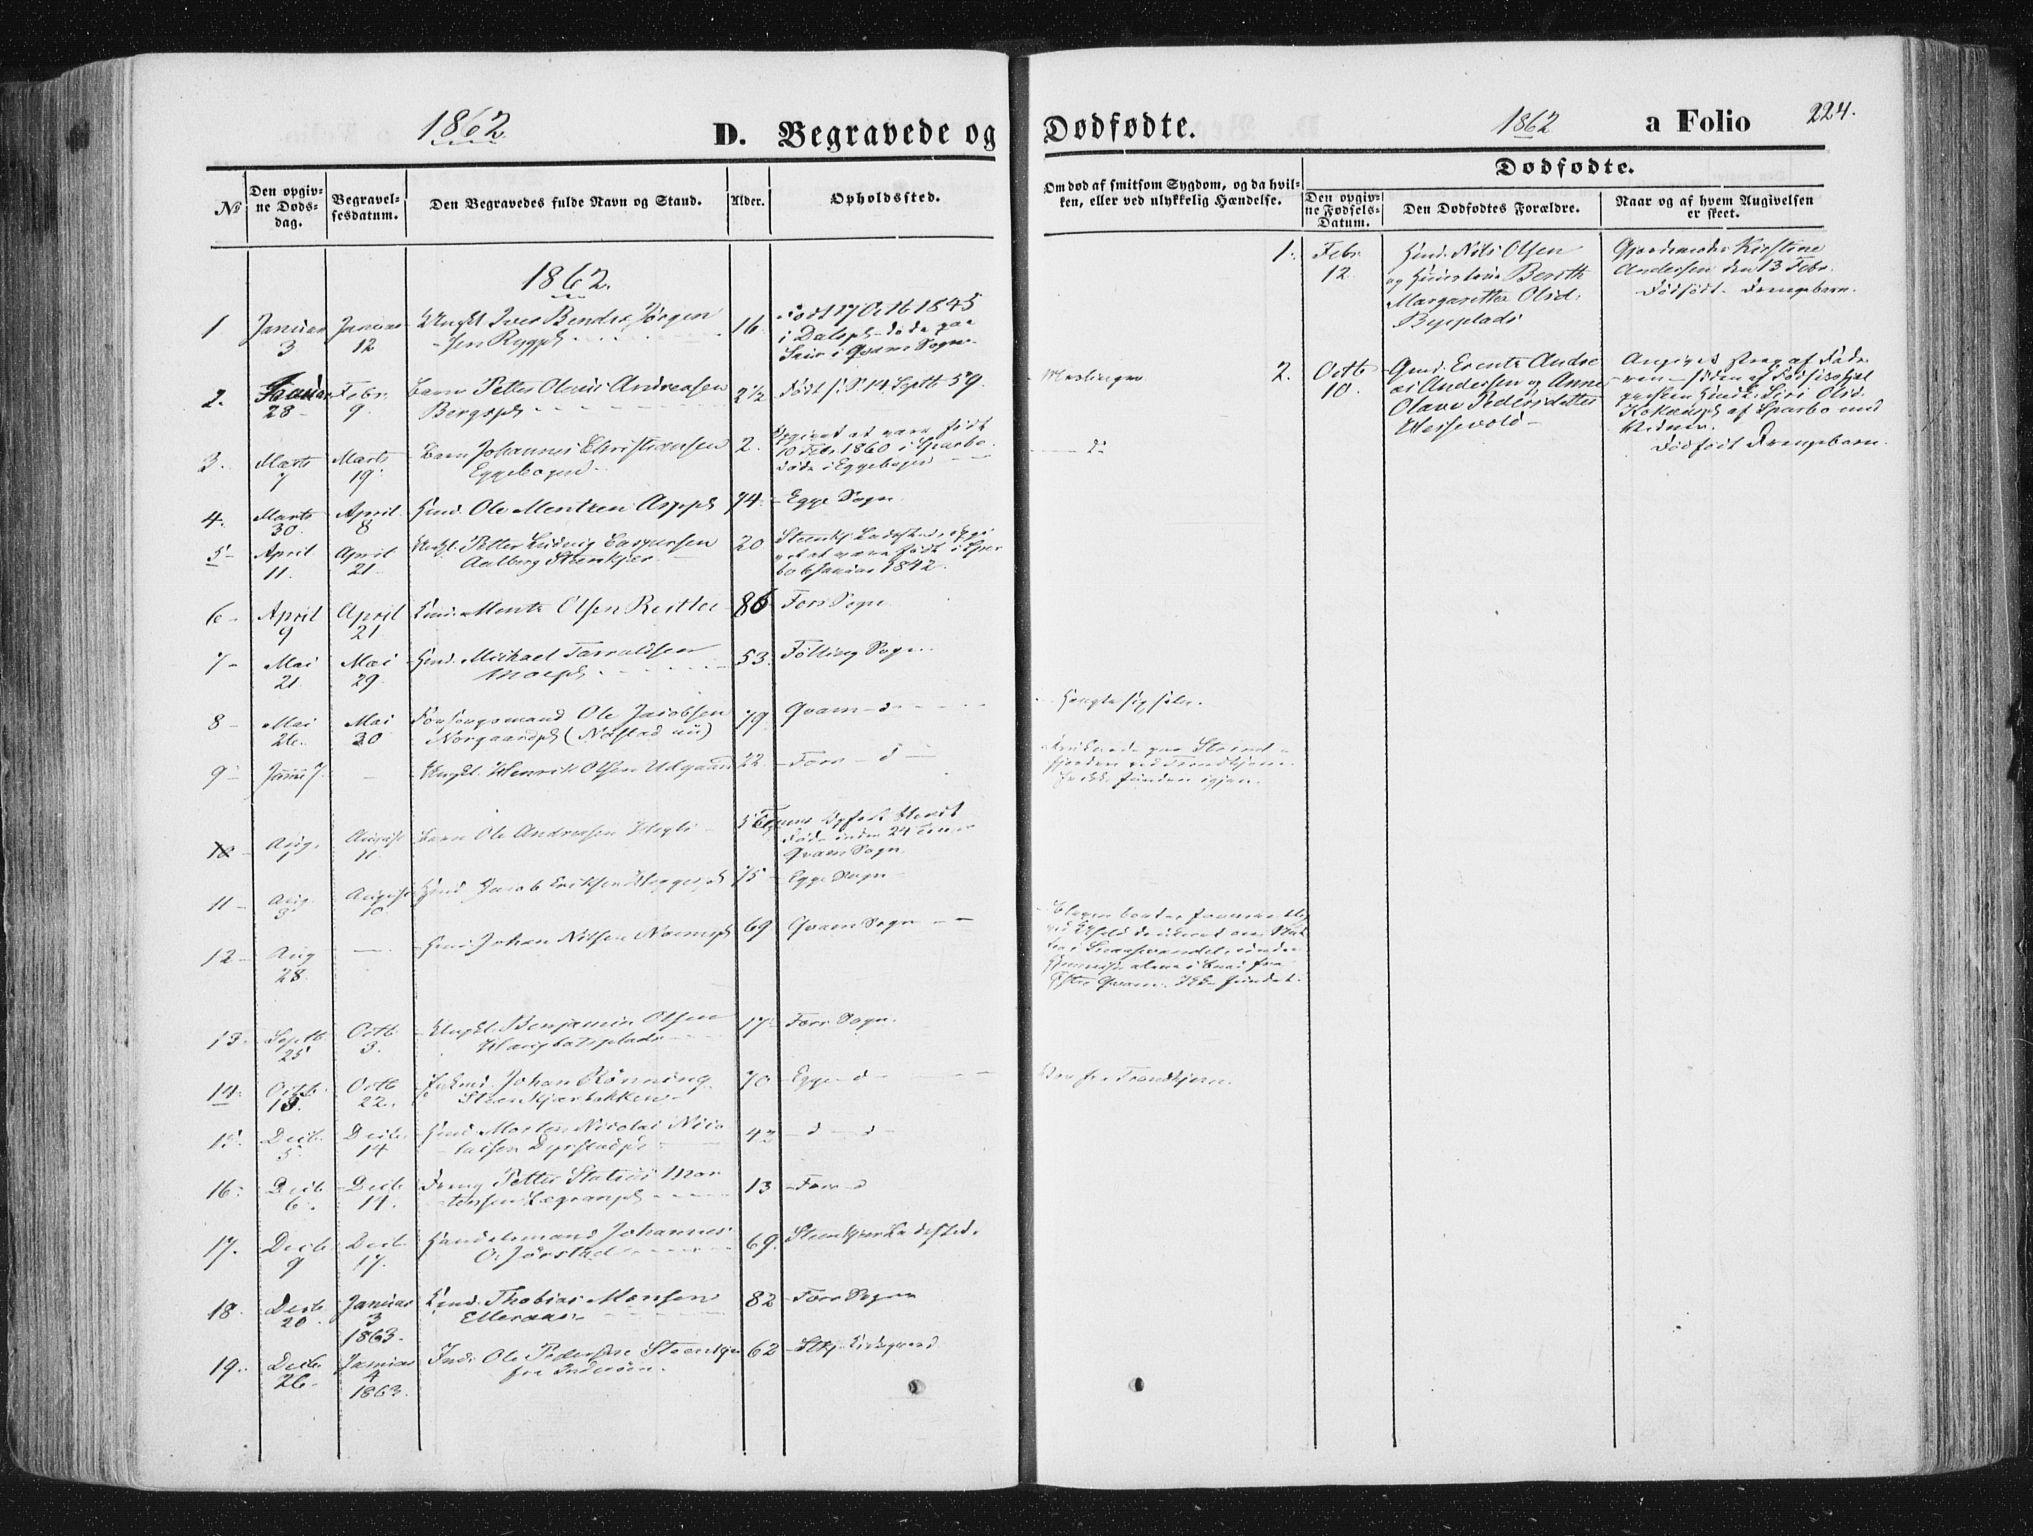 SAT, Ministerialprotokoller, klokkerbøker og fødselsregistre - Nord-Trøndelag, 746/L0447: Ministerialbok nr. 746A06, 1860-1877, s. 224